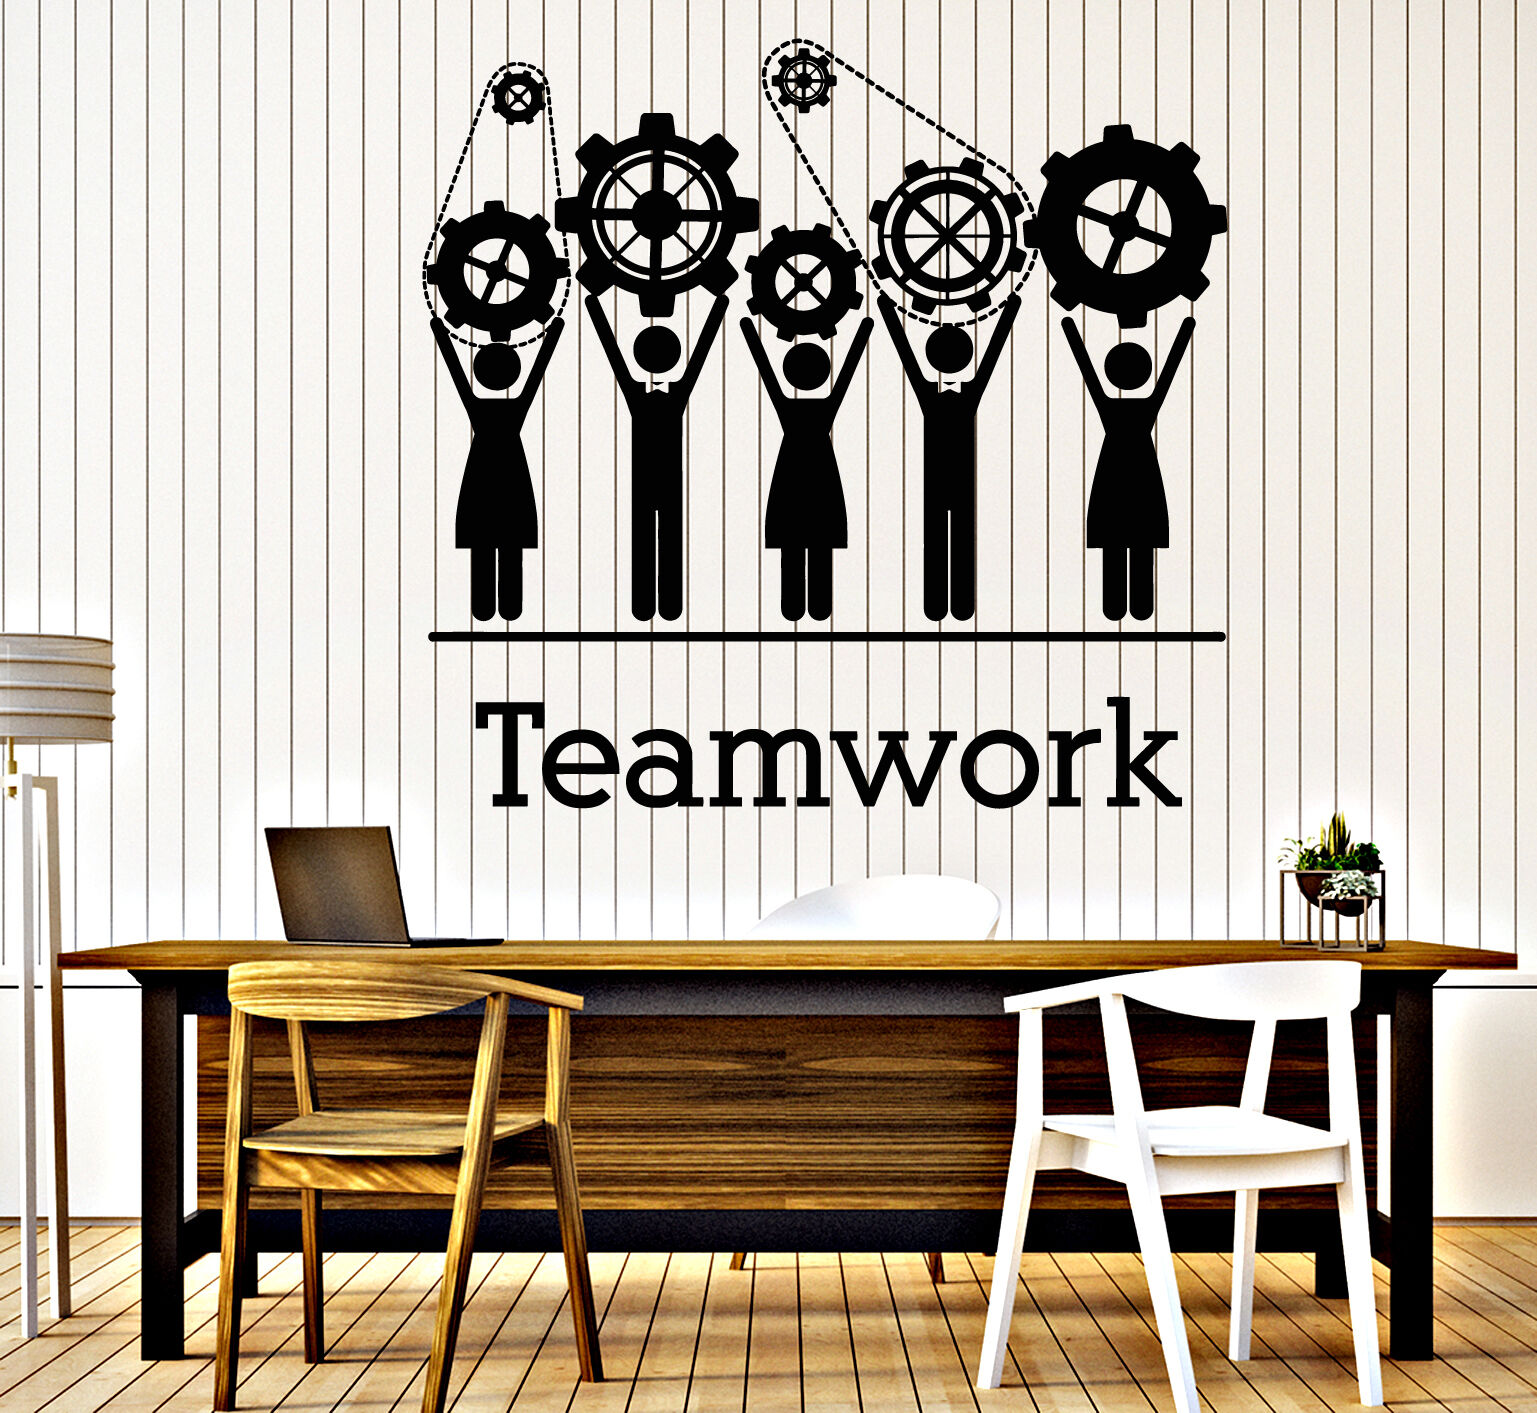 Wall Vinyl Decal Team Business Work Teamwork Office Decor z4703